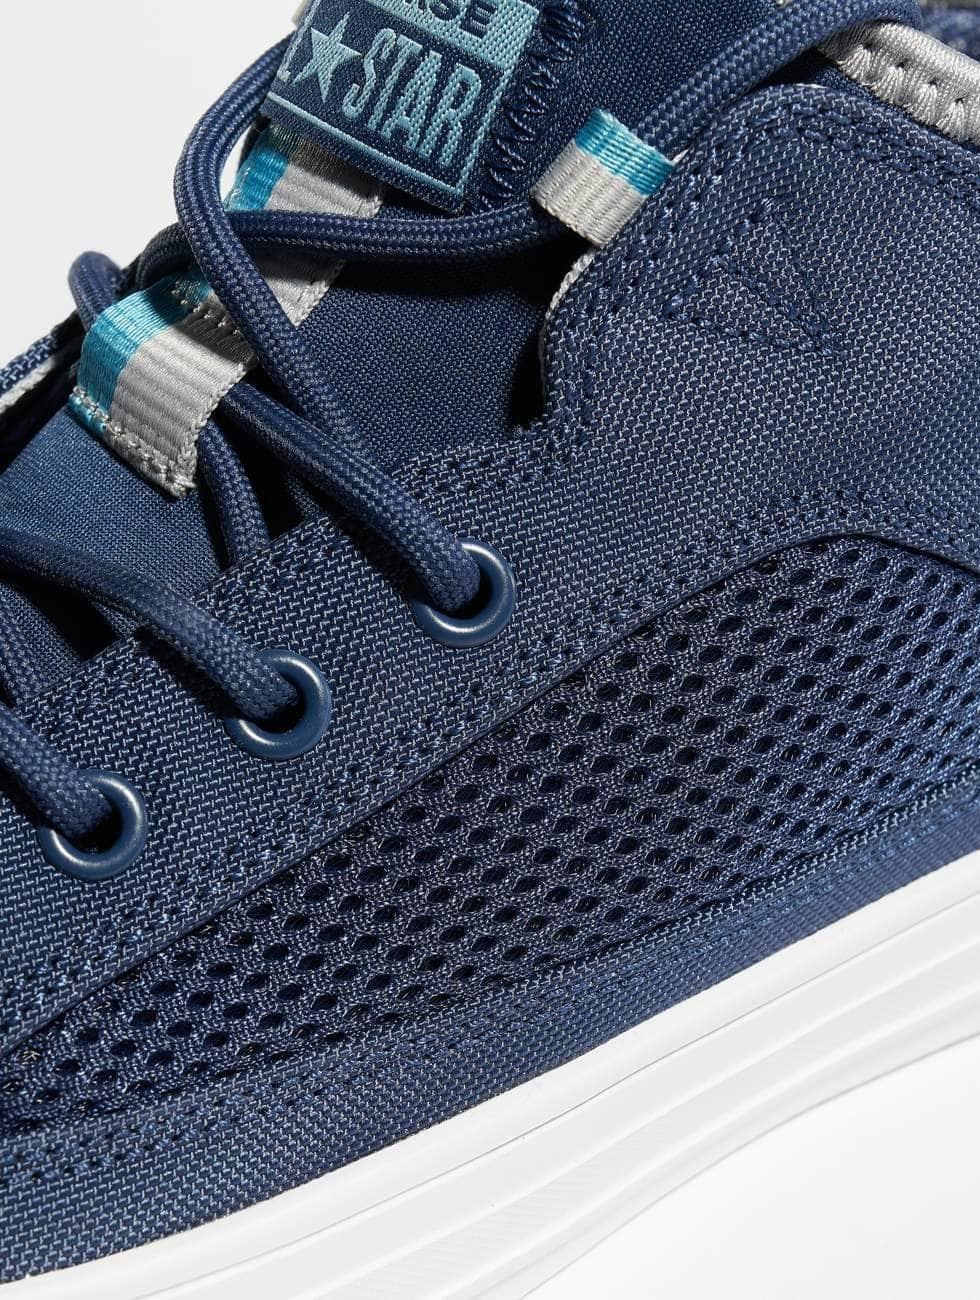 Bezoeken Nieuw Te Koop Converse schoen / sneaker CTAS Ultra Mid in blauw 441722 Goedkope Koop Vinden Geweldig Nieuwe Stijlen Te Koop nieuwe ZBMr2V